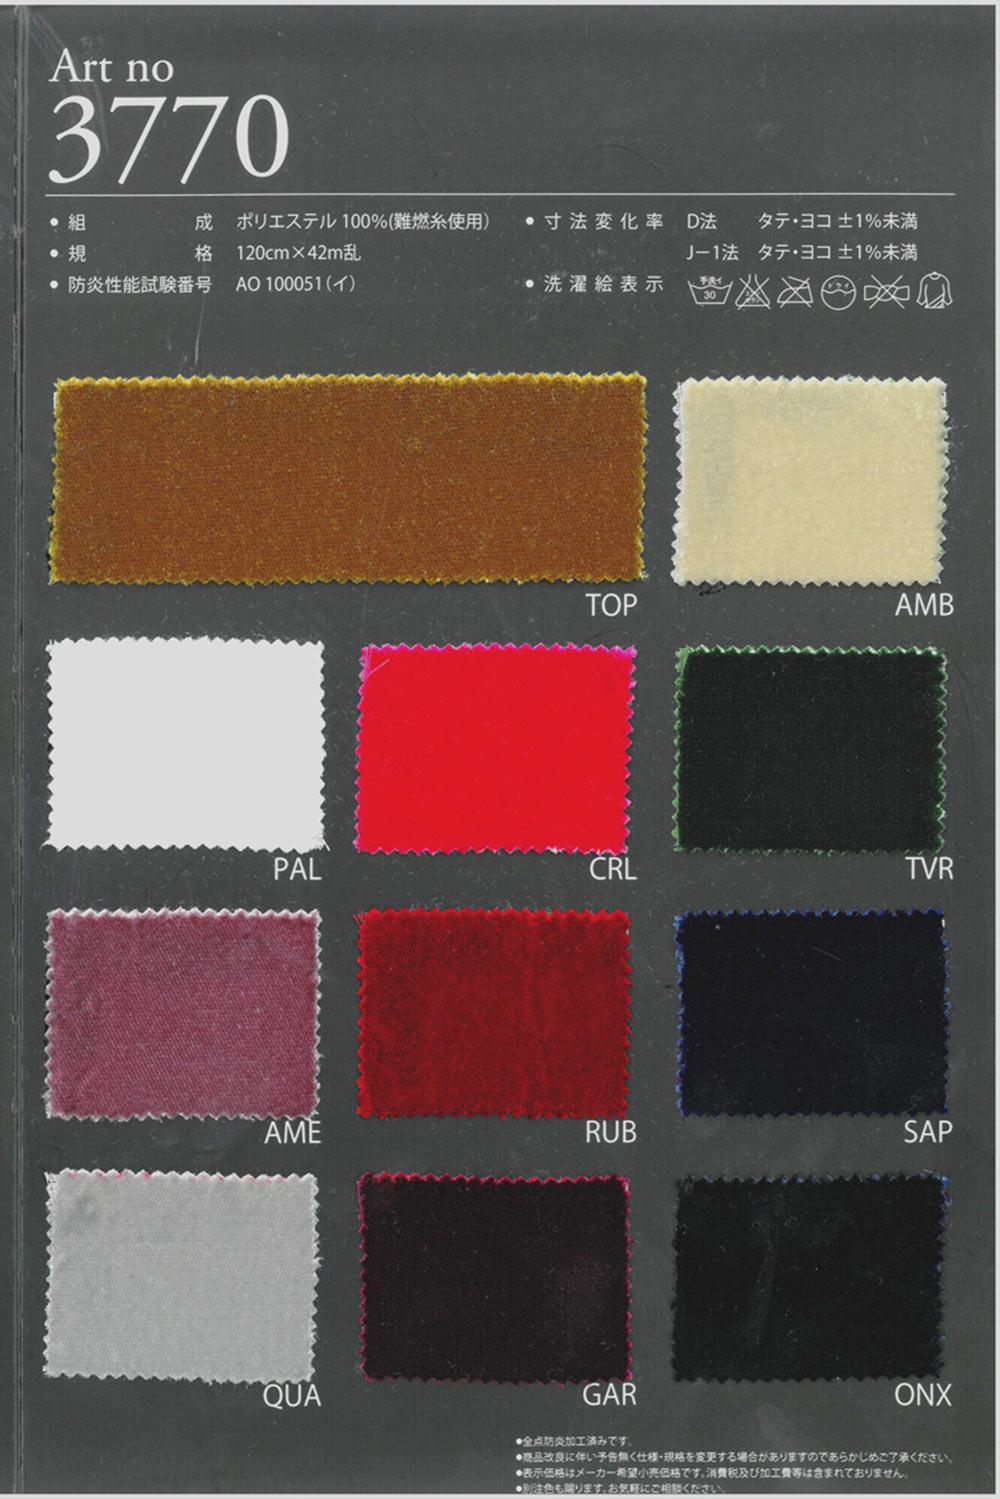 3770 ポリエステルベルベット 光沢あり[生地] アゲハラベルベット/オークラ商事 - ApparelX アパレル資材卸通販